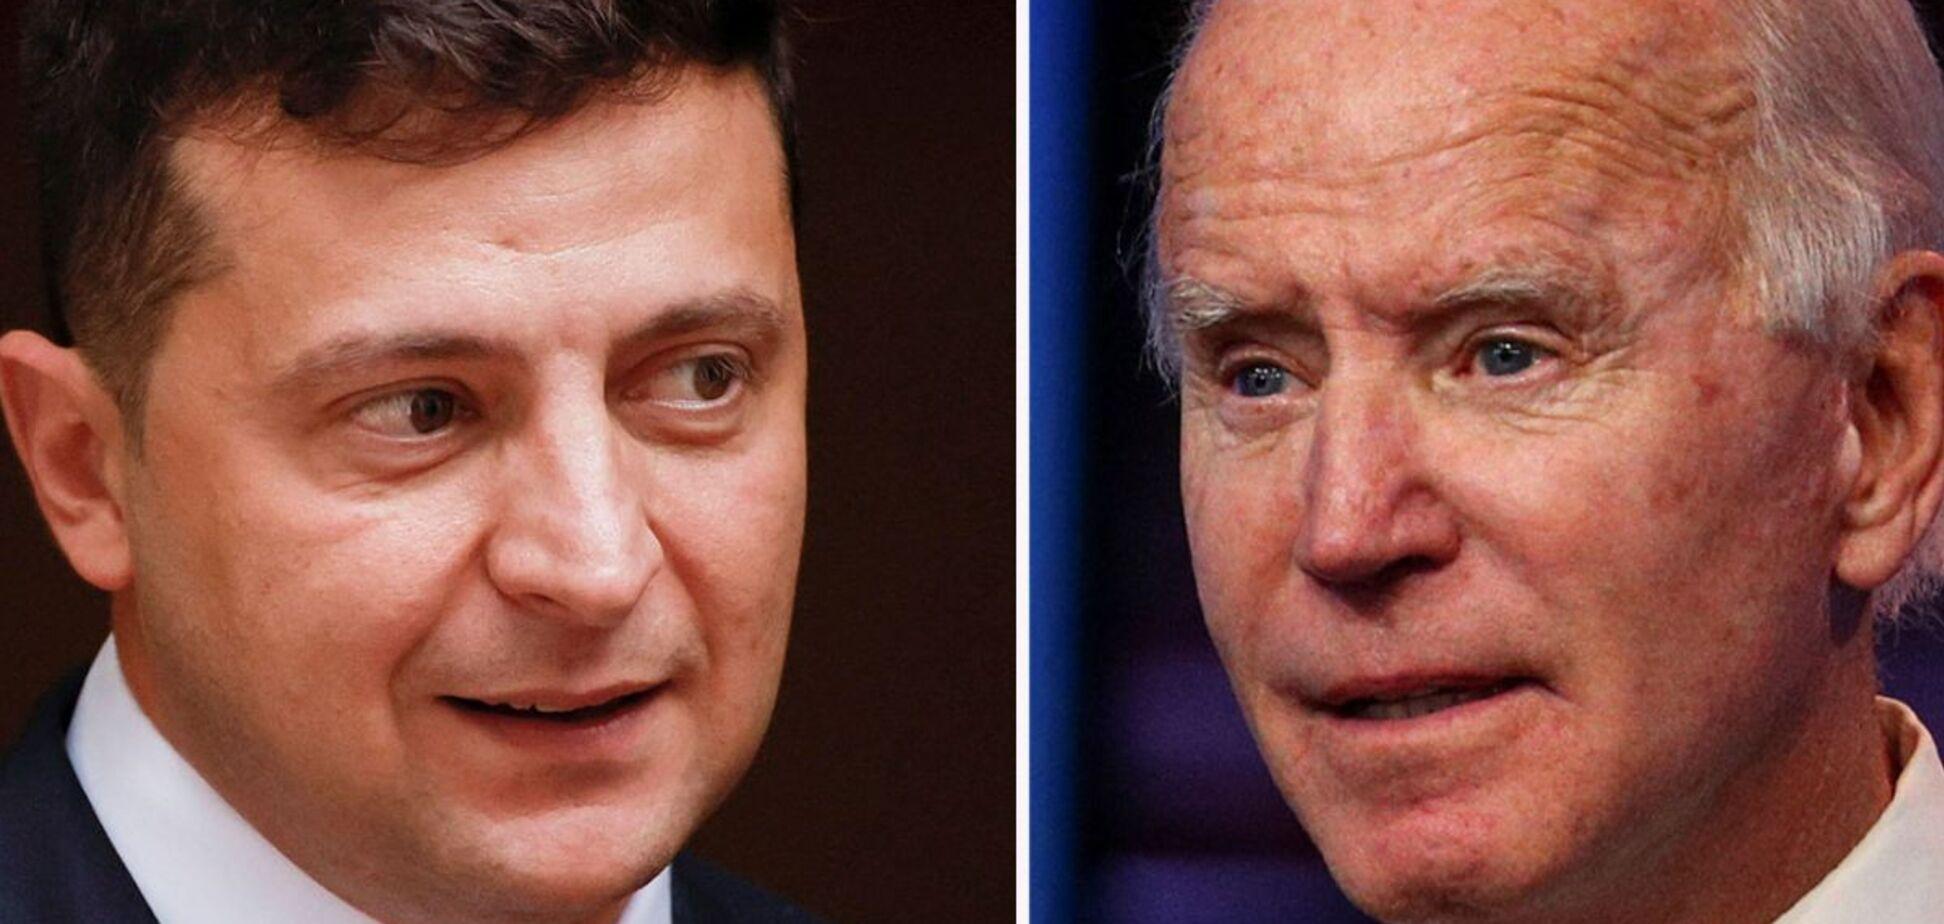 Президент США Джо Байден провів телефонну розмову з президентом України Володимиром Зеленським